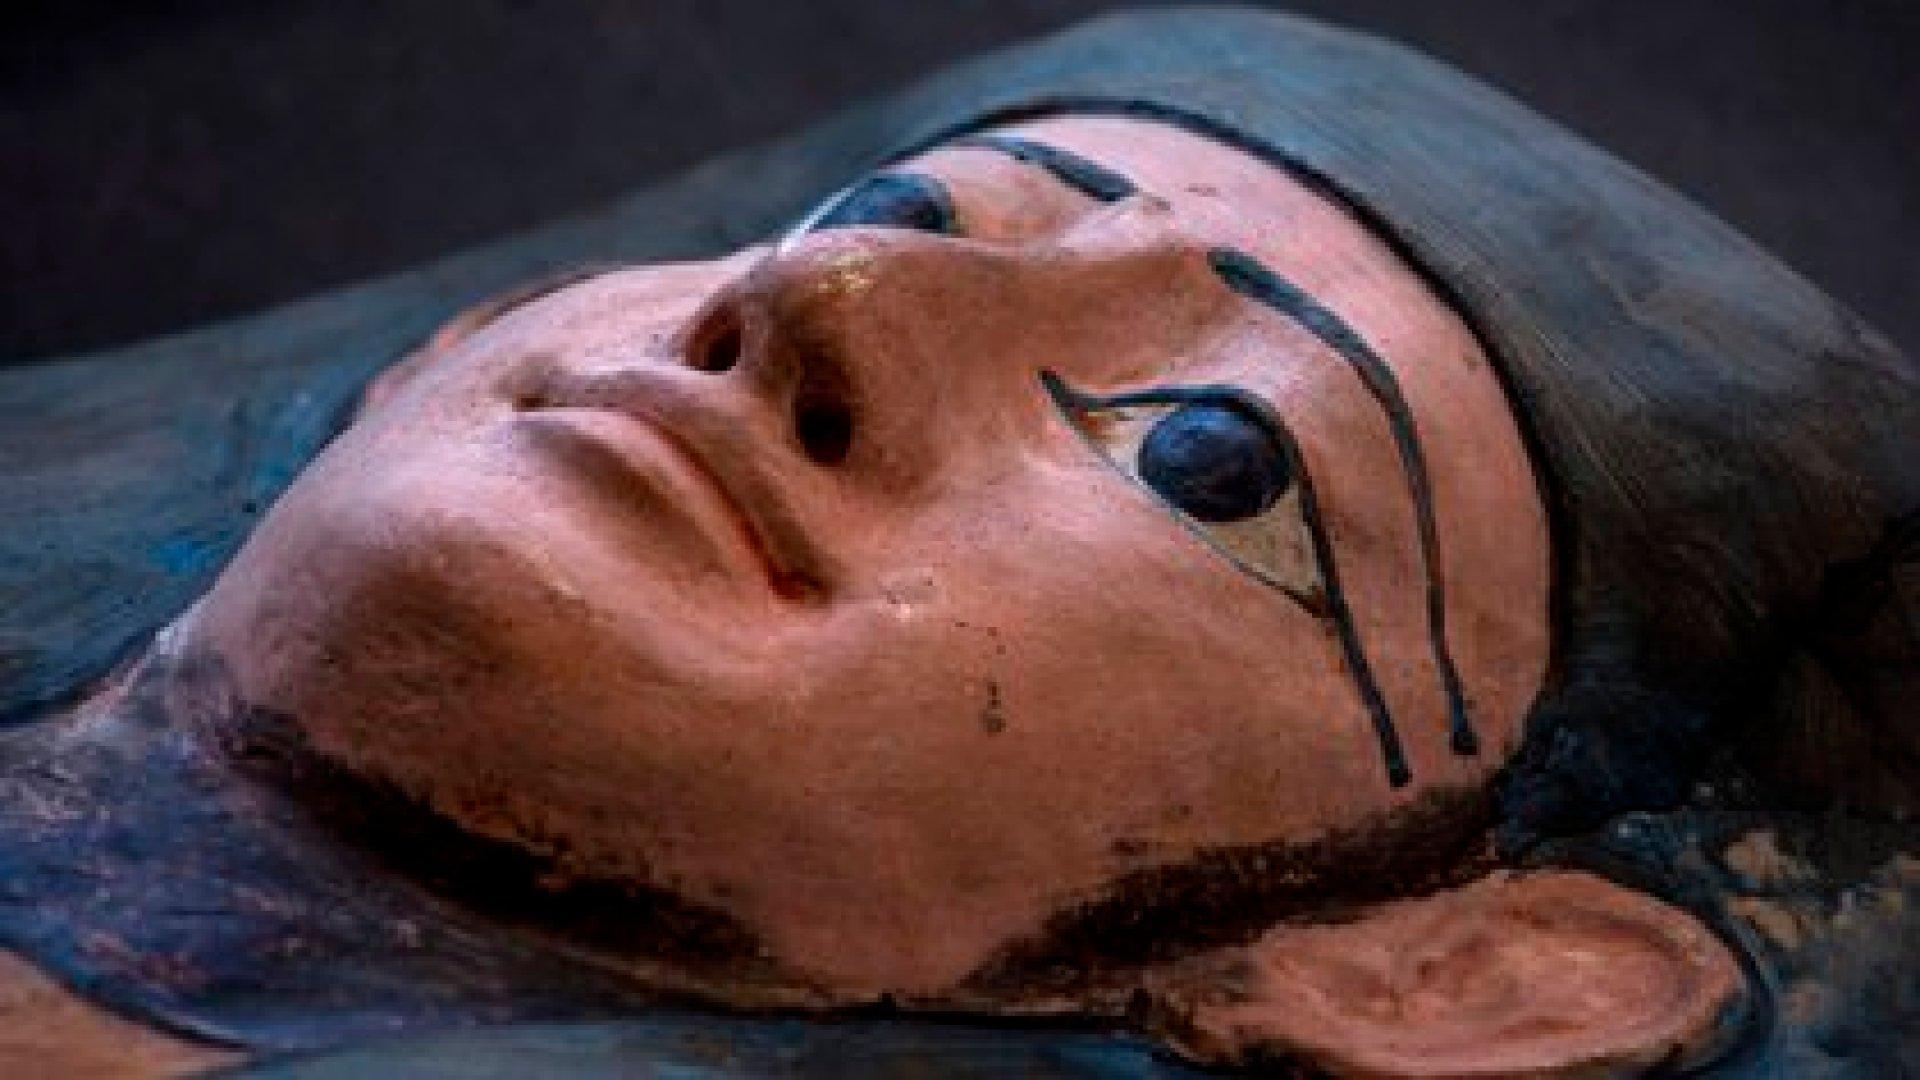 Estos hallazgos serán repartidos en varios museos egipcios, incluyendo un nuevo establecimiento que se abrirá en las afueras de El Cairo (AP/Nariman El-Mofty)